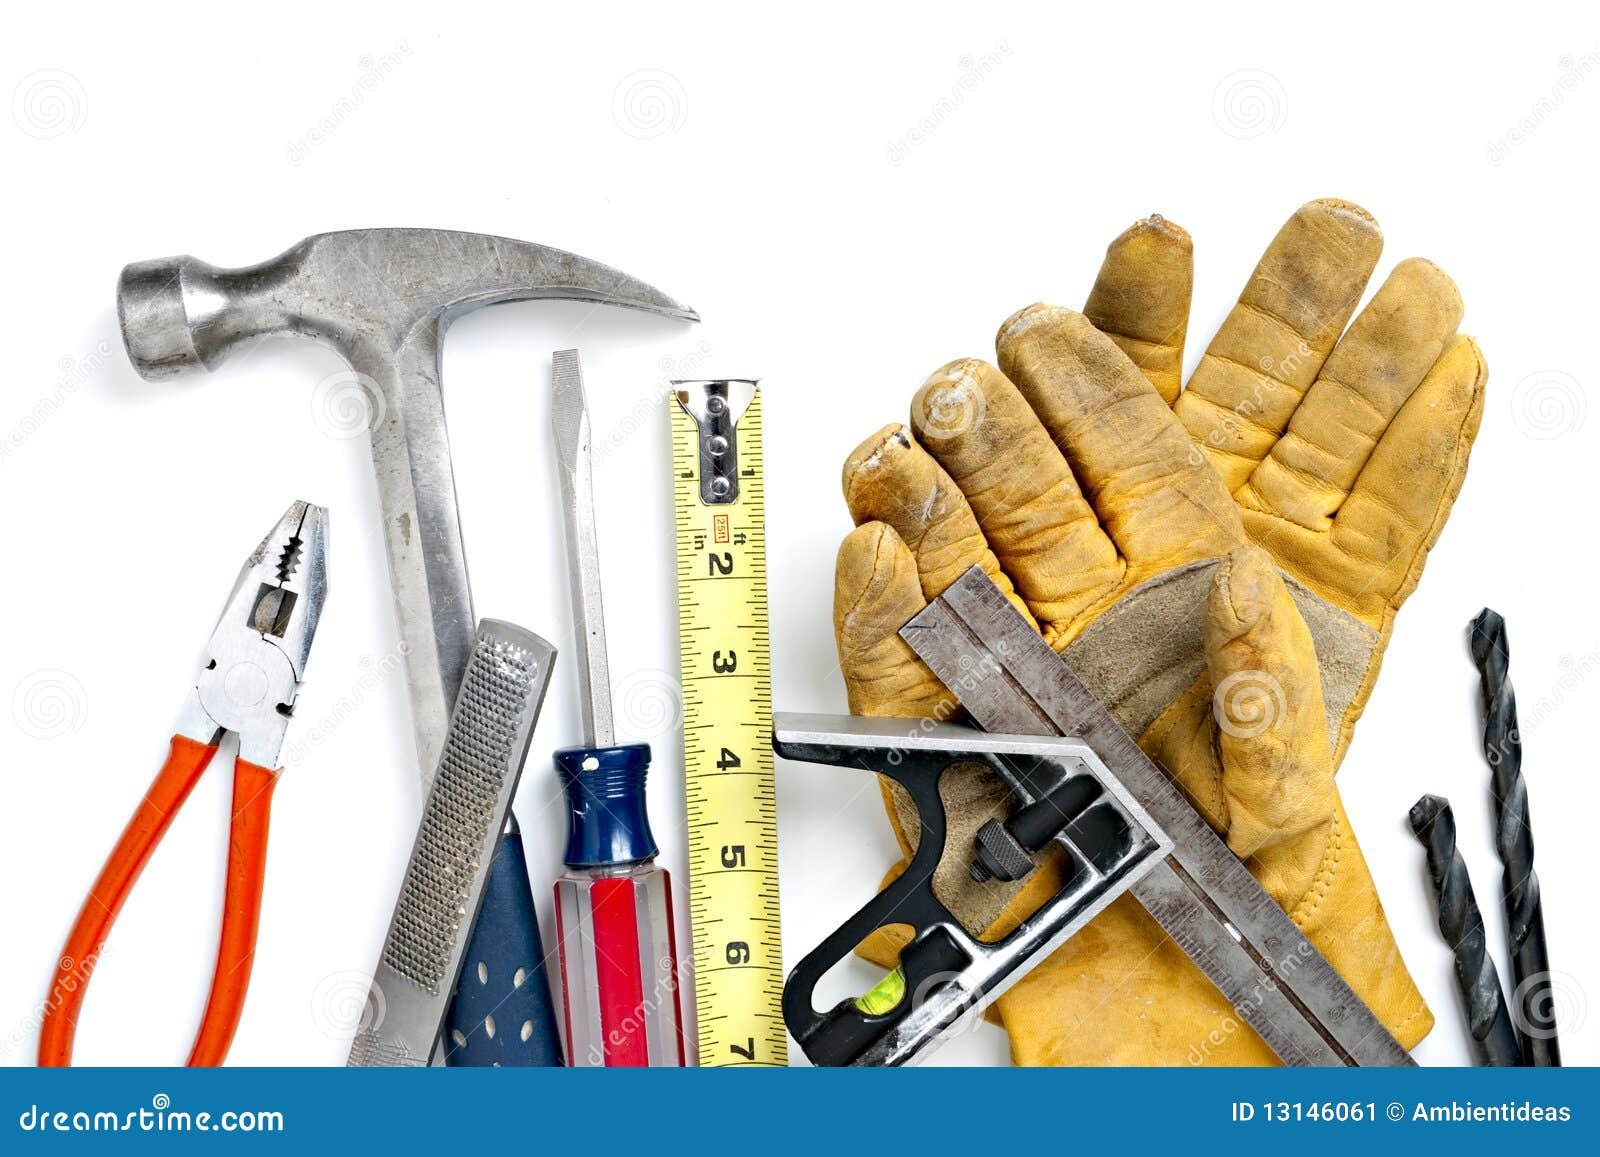 Stapel der Aufbau-Hilfsmittel